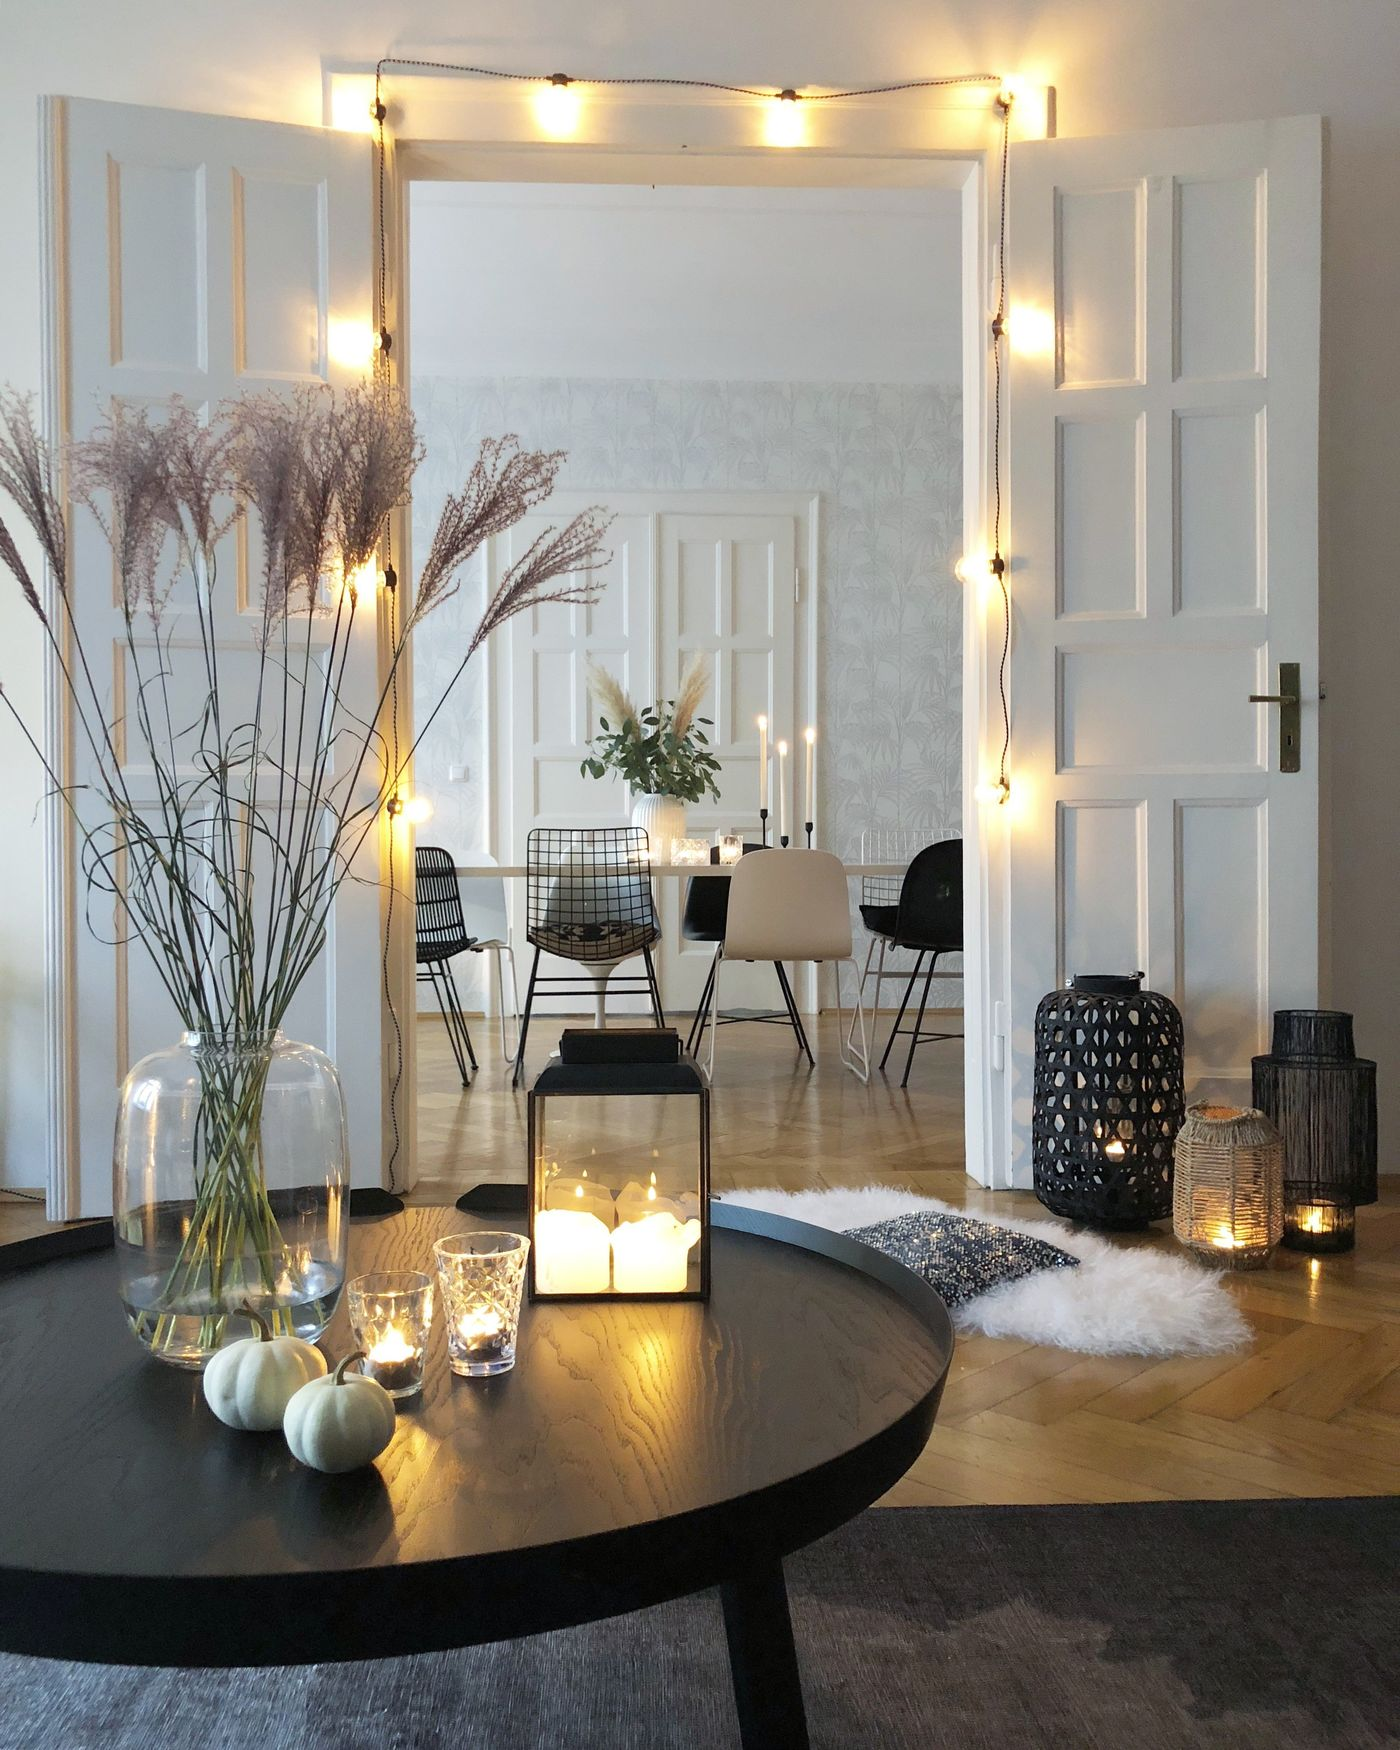 deko ideen f r deinen couchtisch seite 6. Black Bedroom Furniture Sets. Home Design Ideas